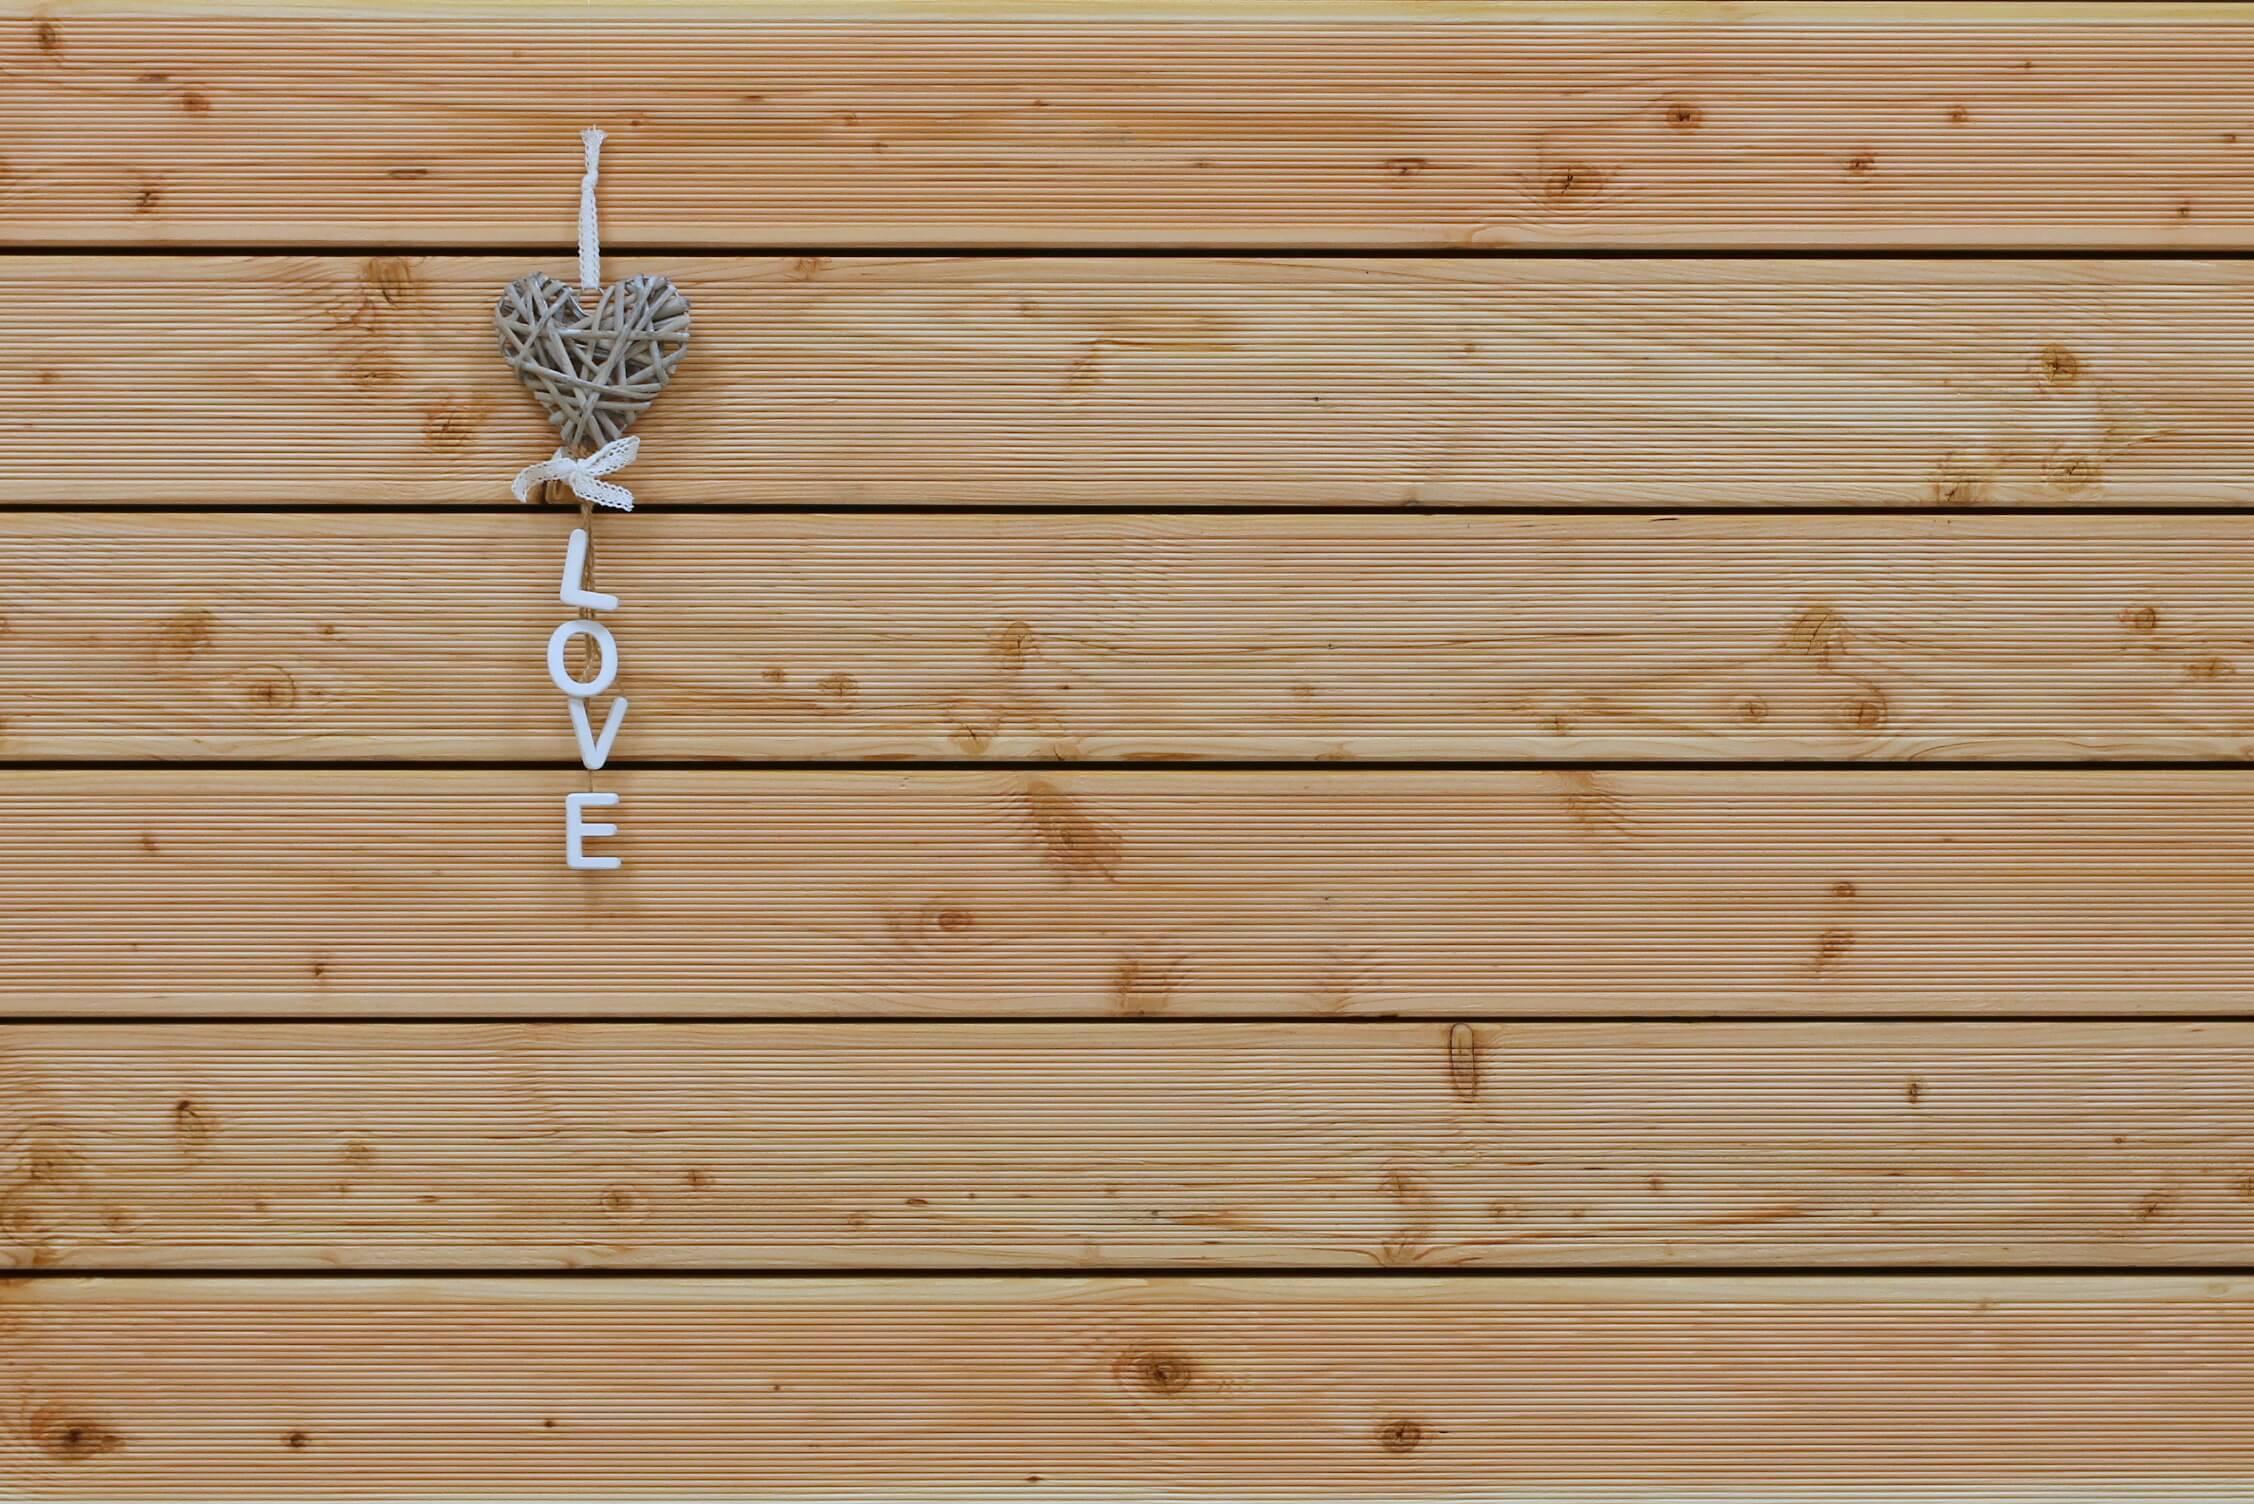 Douglasie Holz Dielen für die Terrasse, 5,95 €/lfm, fein gerillt, 26 x 145 bis 5000 mm, Terrassendielen Bretter